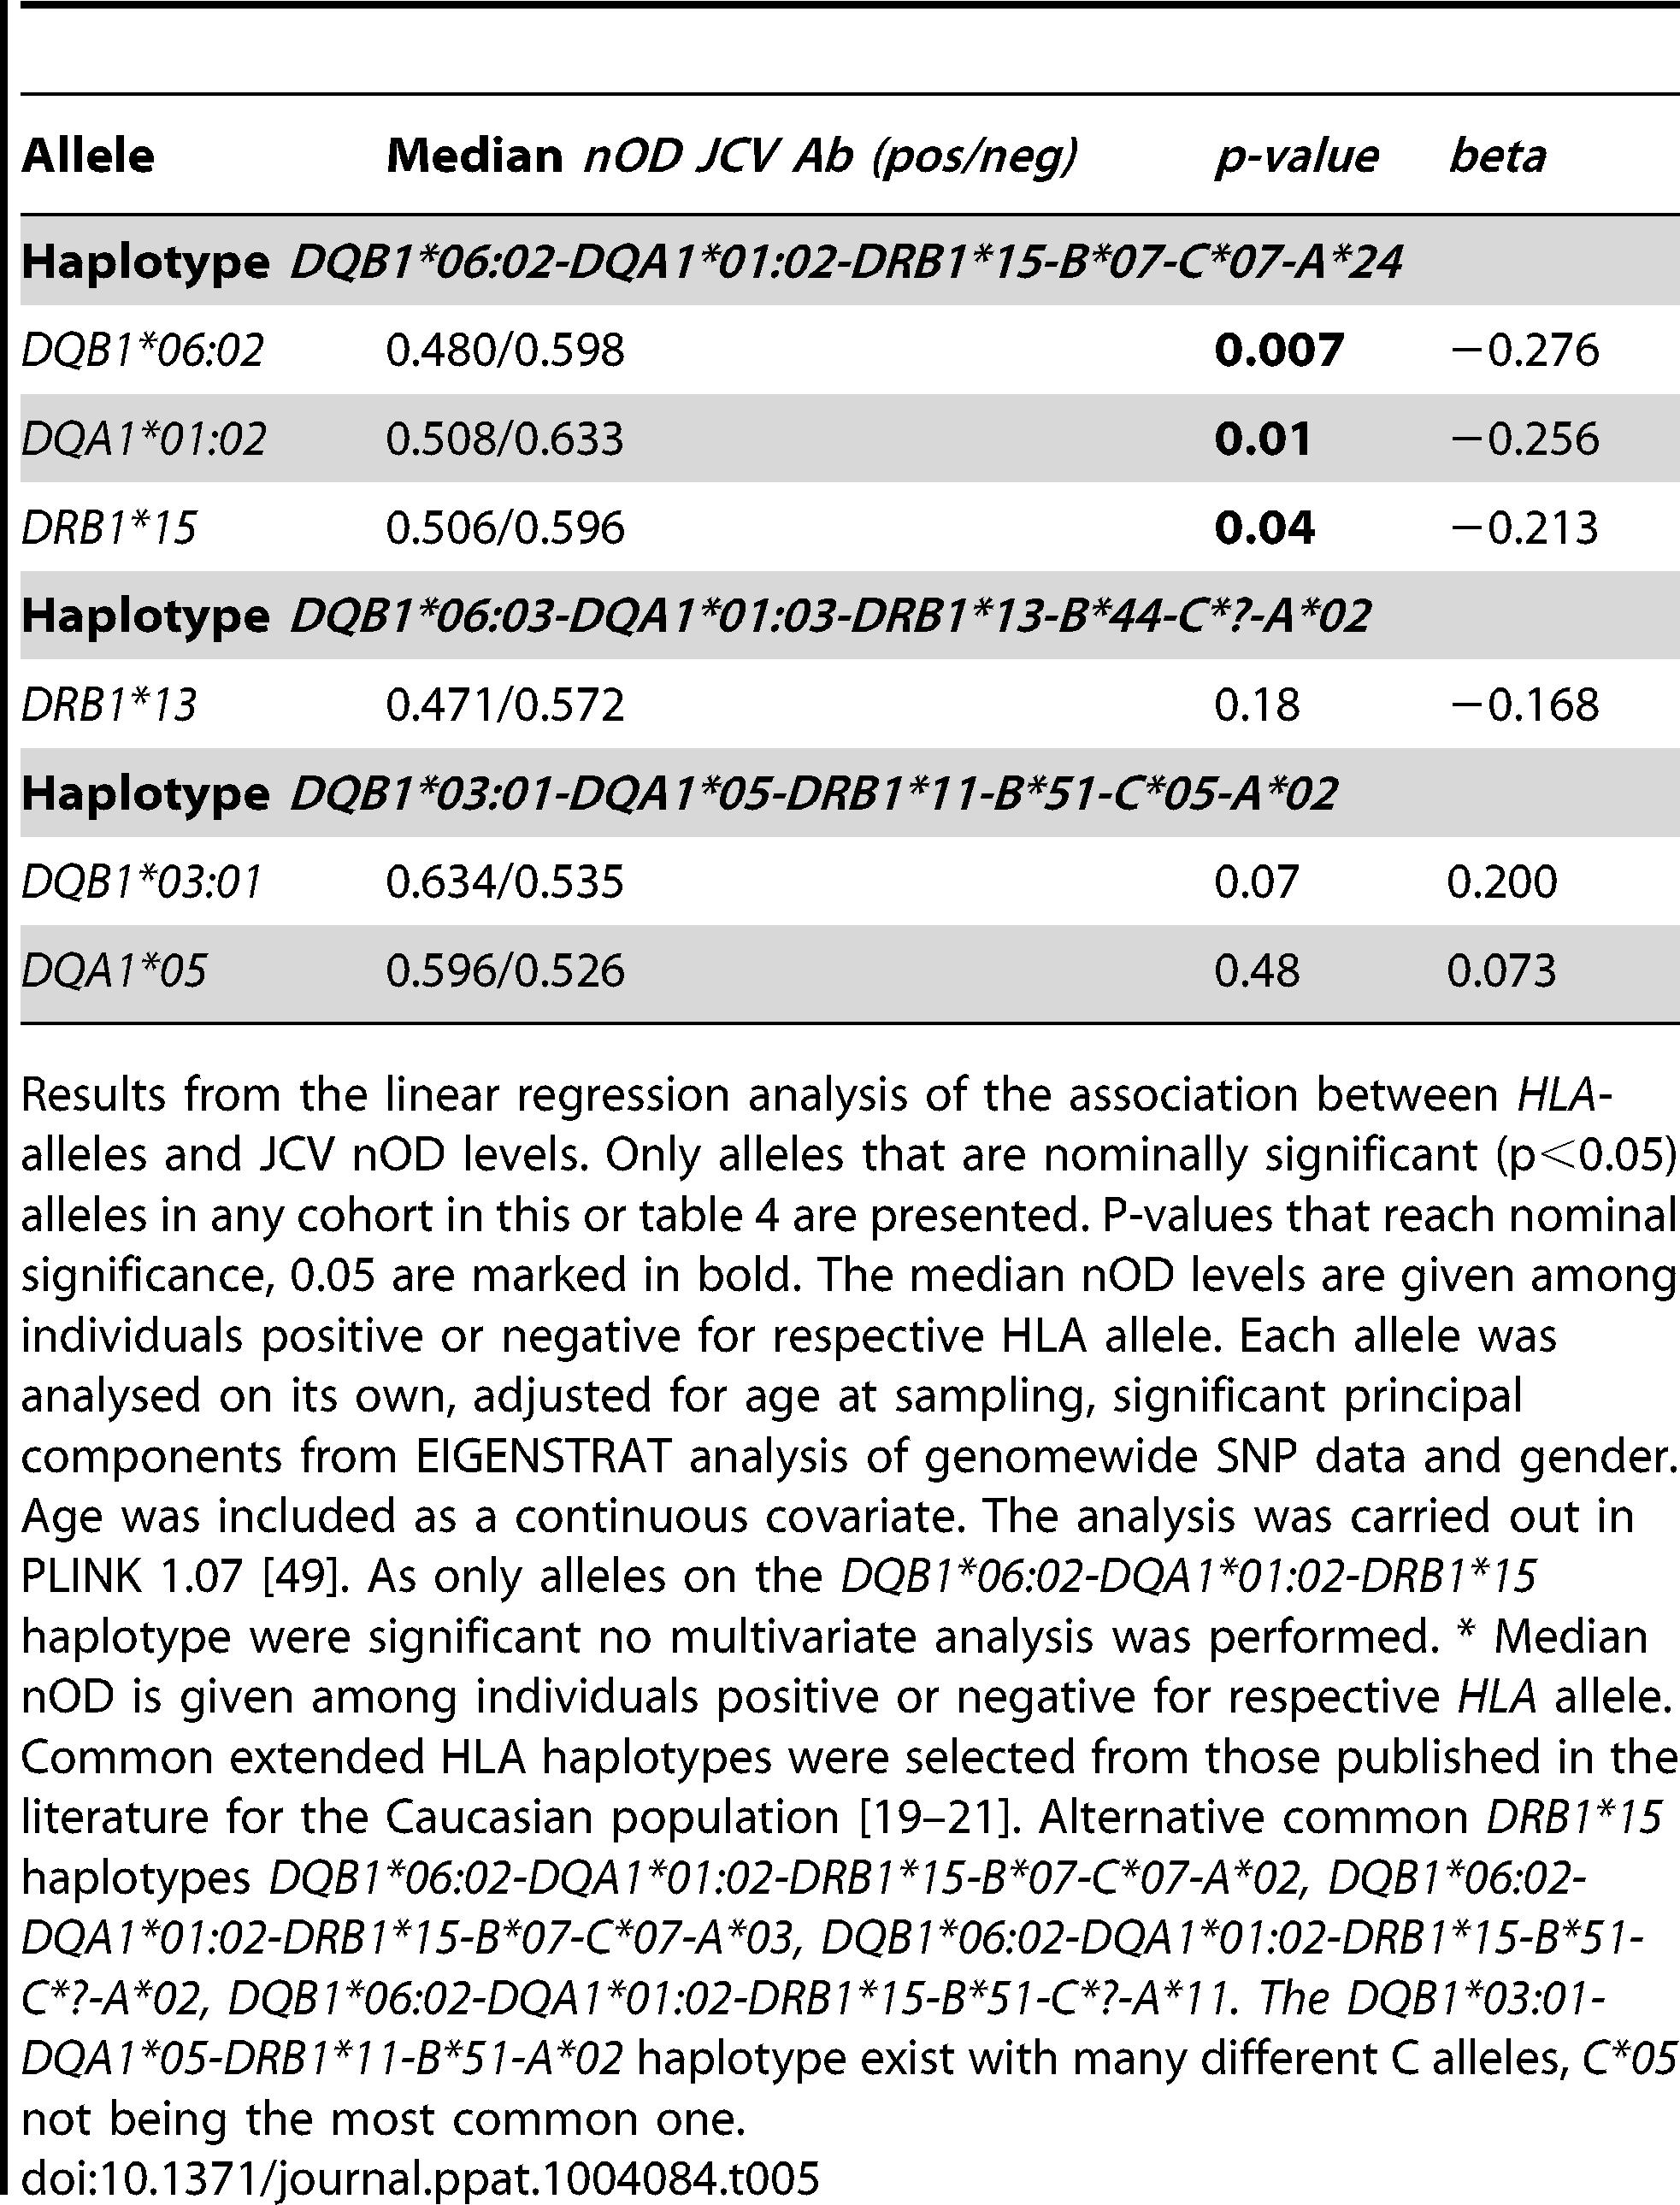 <i>HLA</i>-association to transformed JCV nOD levels in German MS patients.